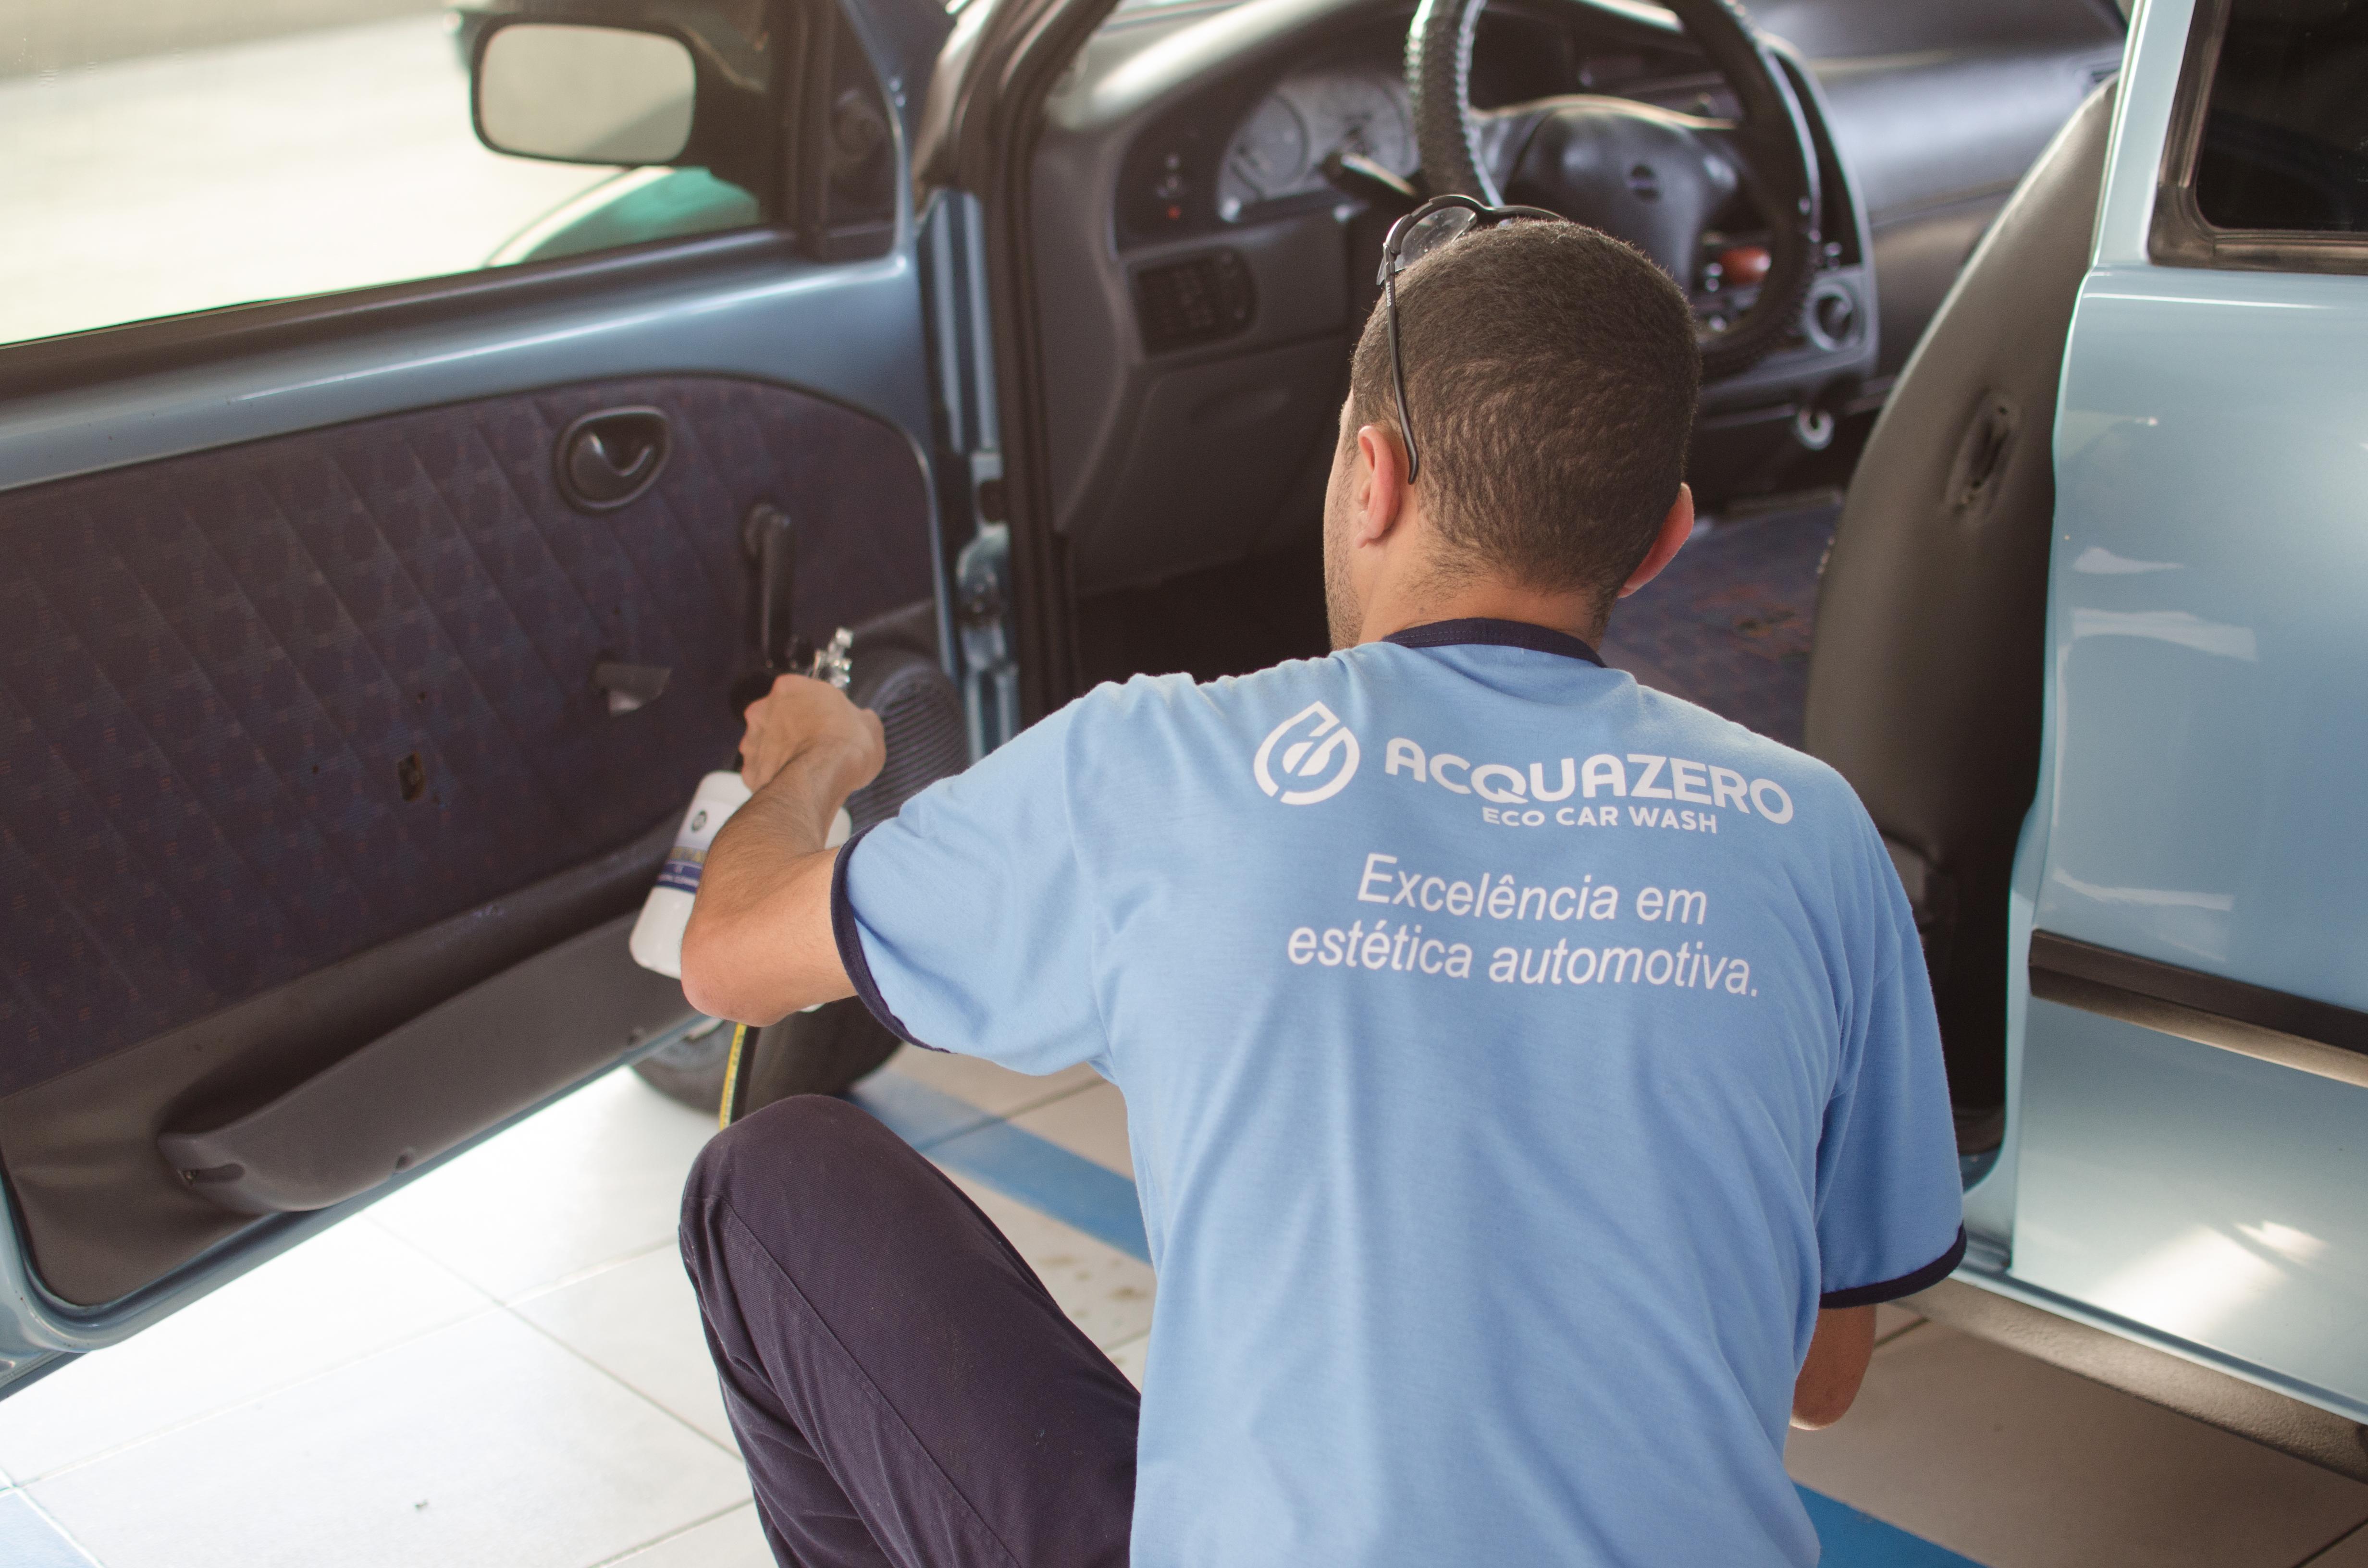 Vemos um técnico da Acquazero limpando porta carro (imagem ilustrativa).